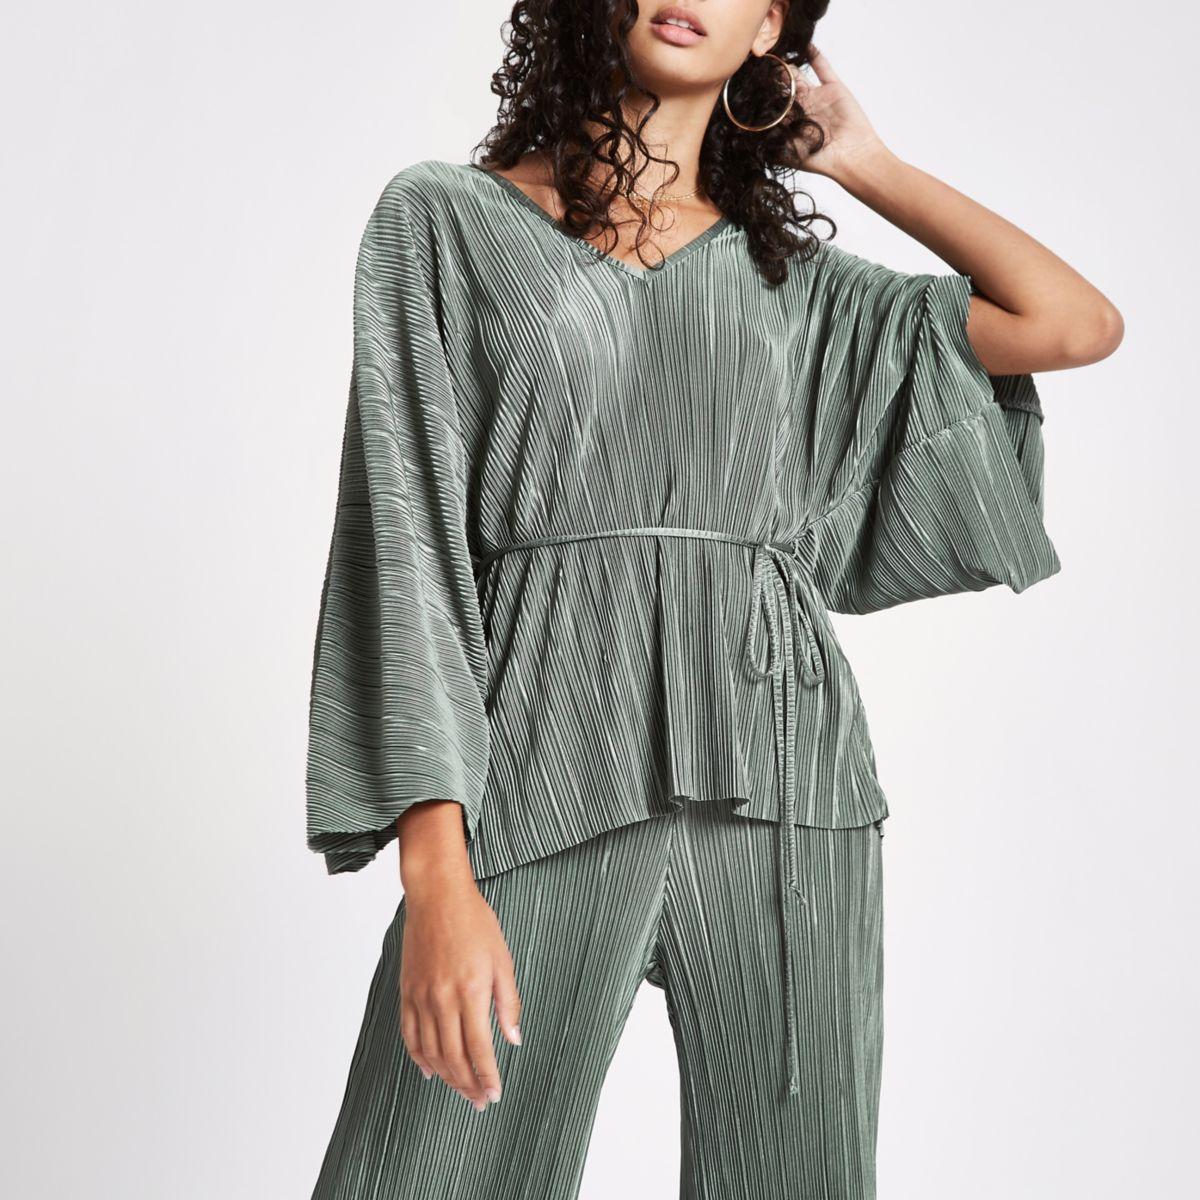 Khaki green V neck tie waist kimono top